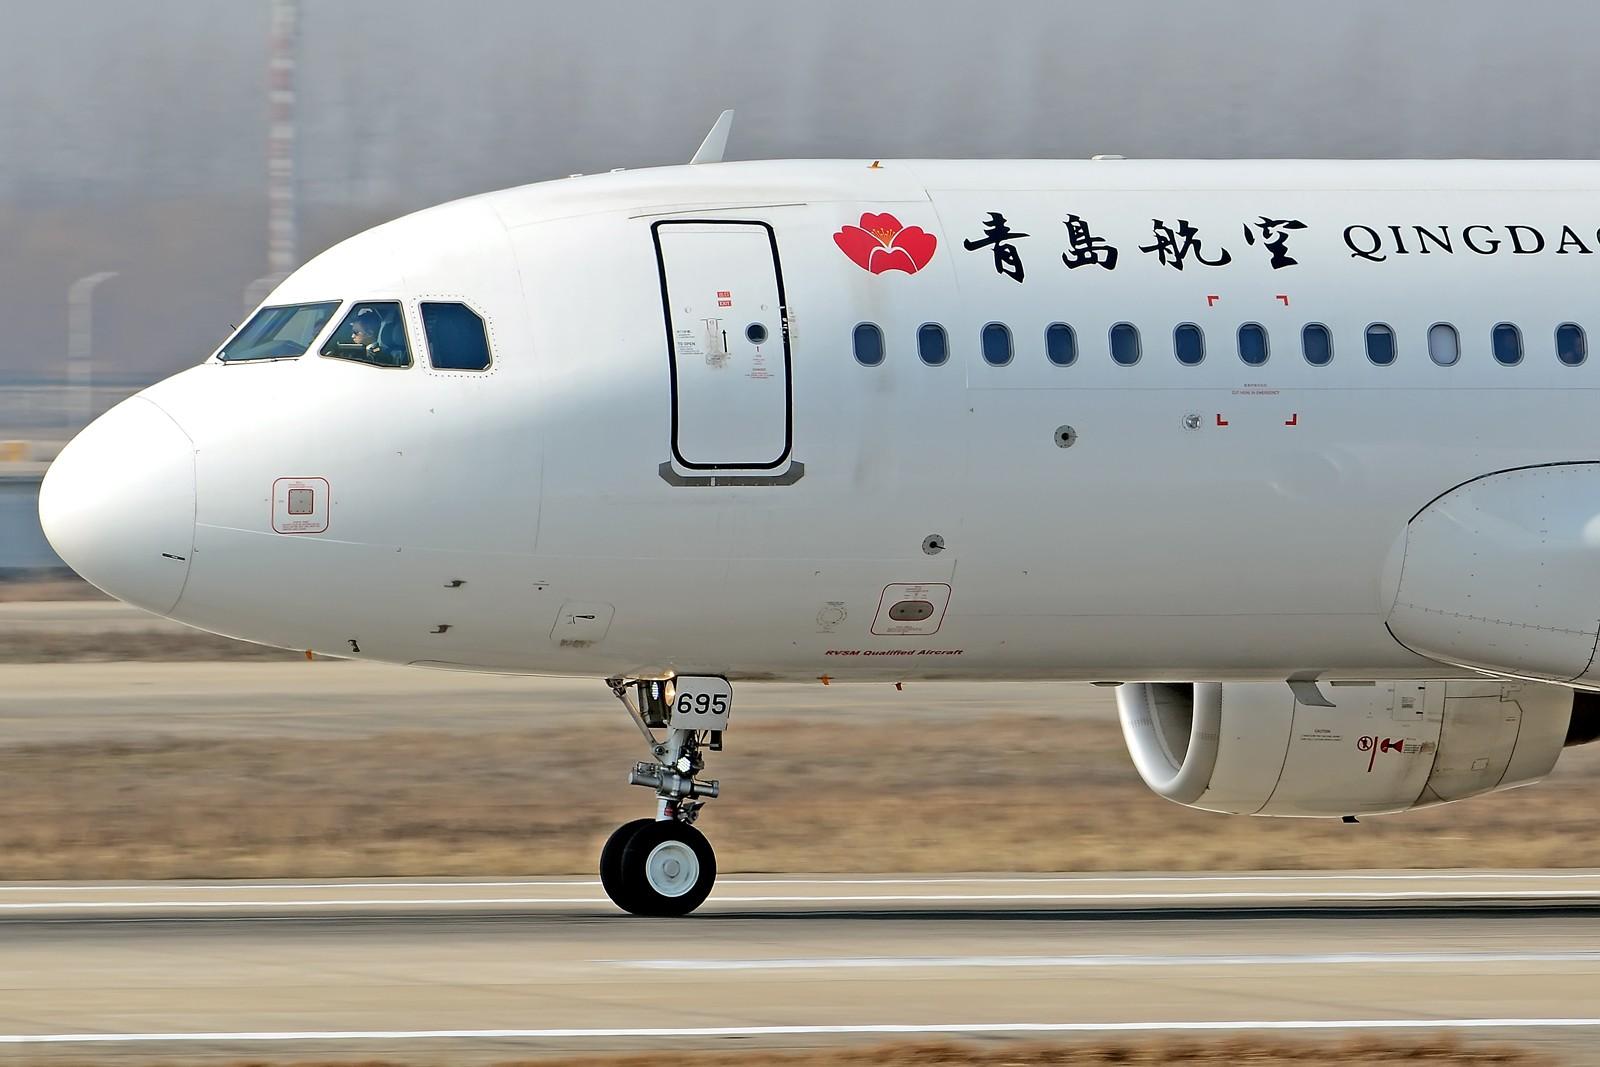 Re:[原创]【合肥飞友会】二〇一八年会相聚霸都新桥拍机活动队伍不断壮大中 AIRBUS A320-200 B-1695 中国合肥新桥国际机场